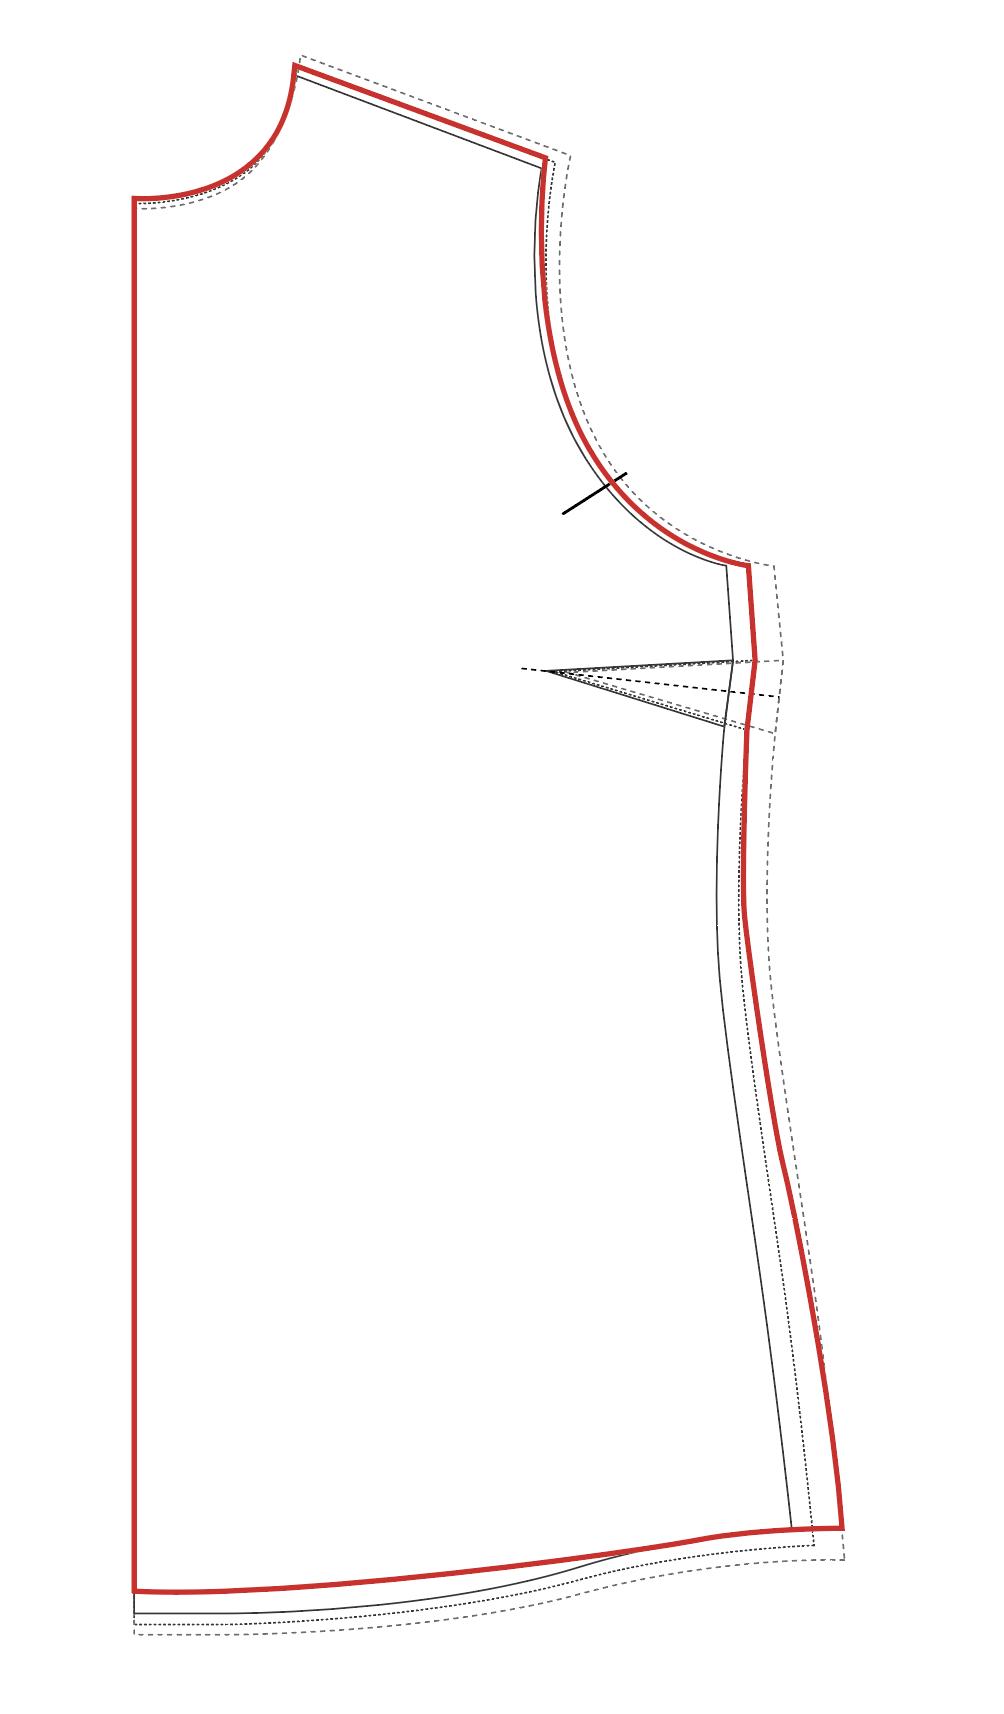 Captura de Pantalla 2020-06-20 a la(s) 17.49.52